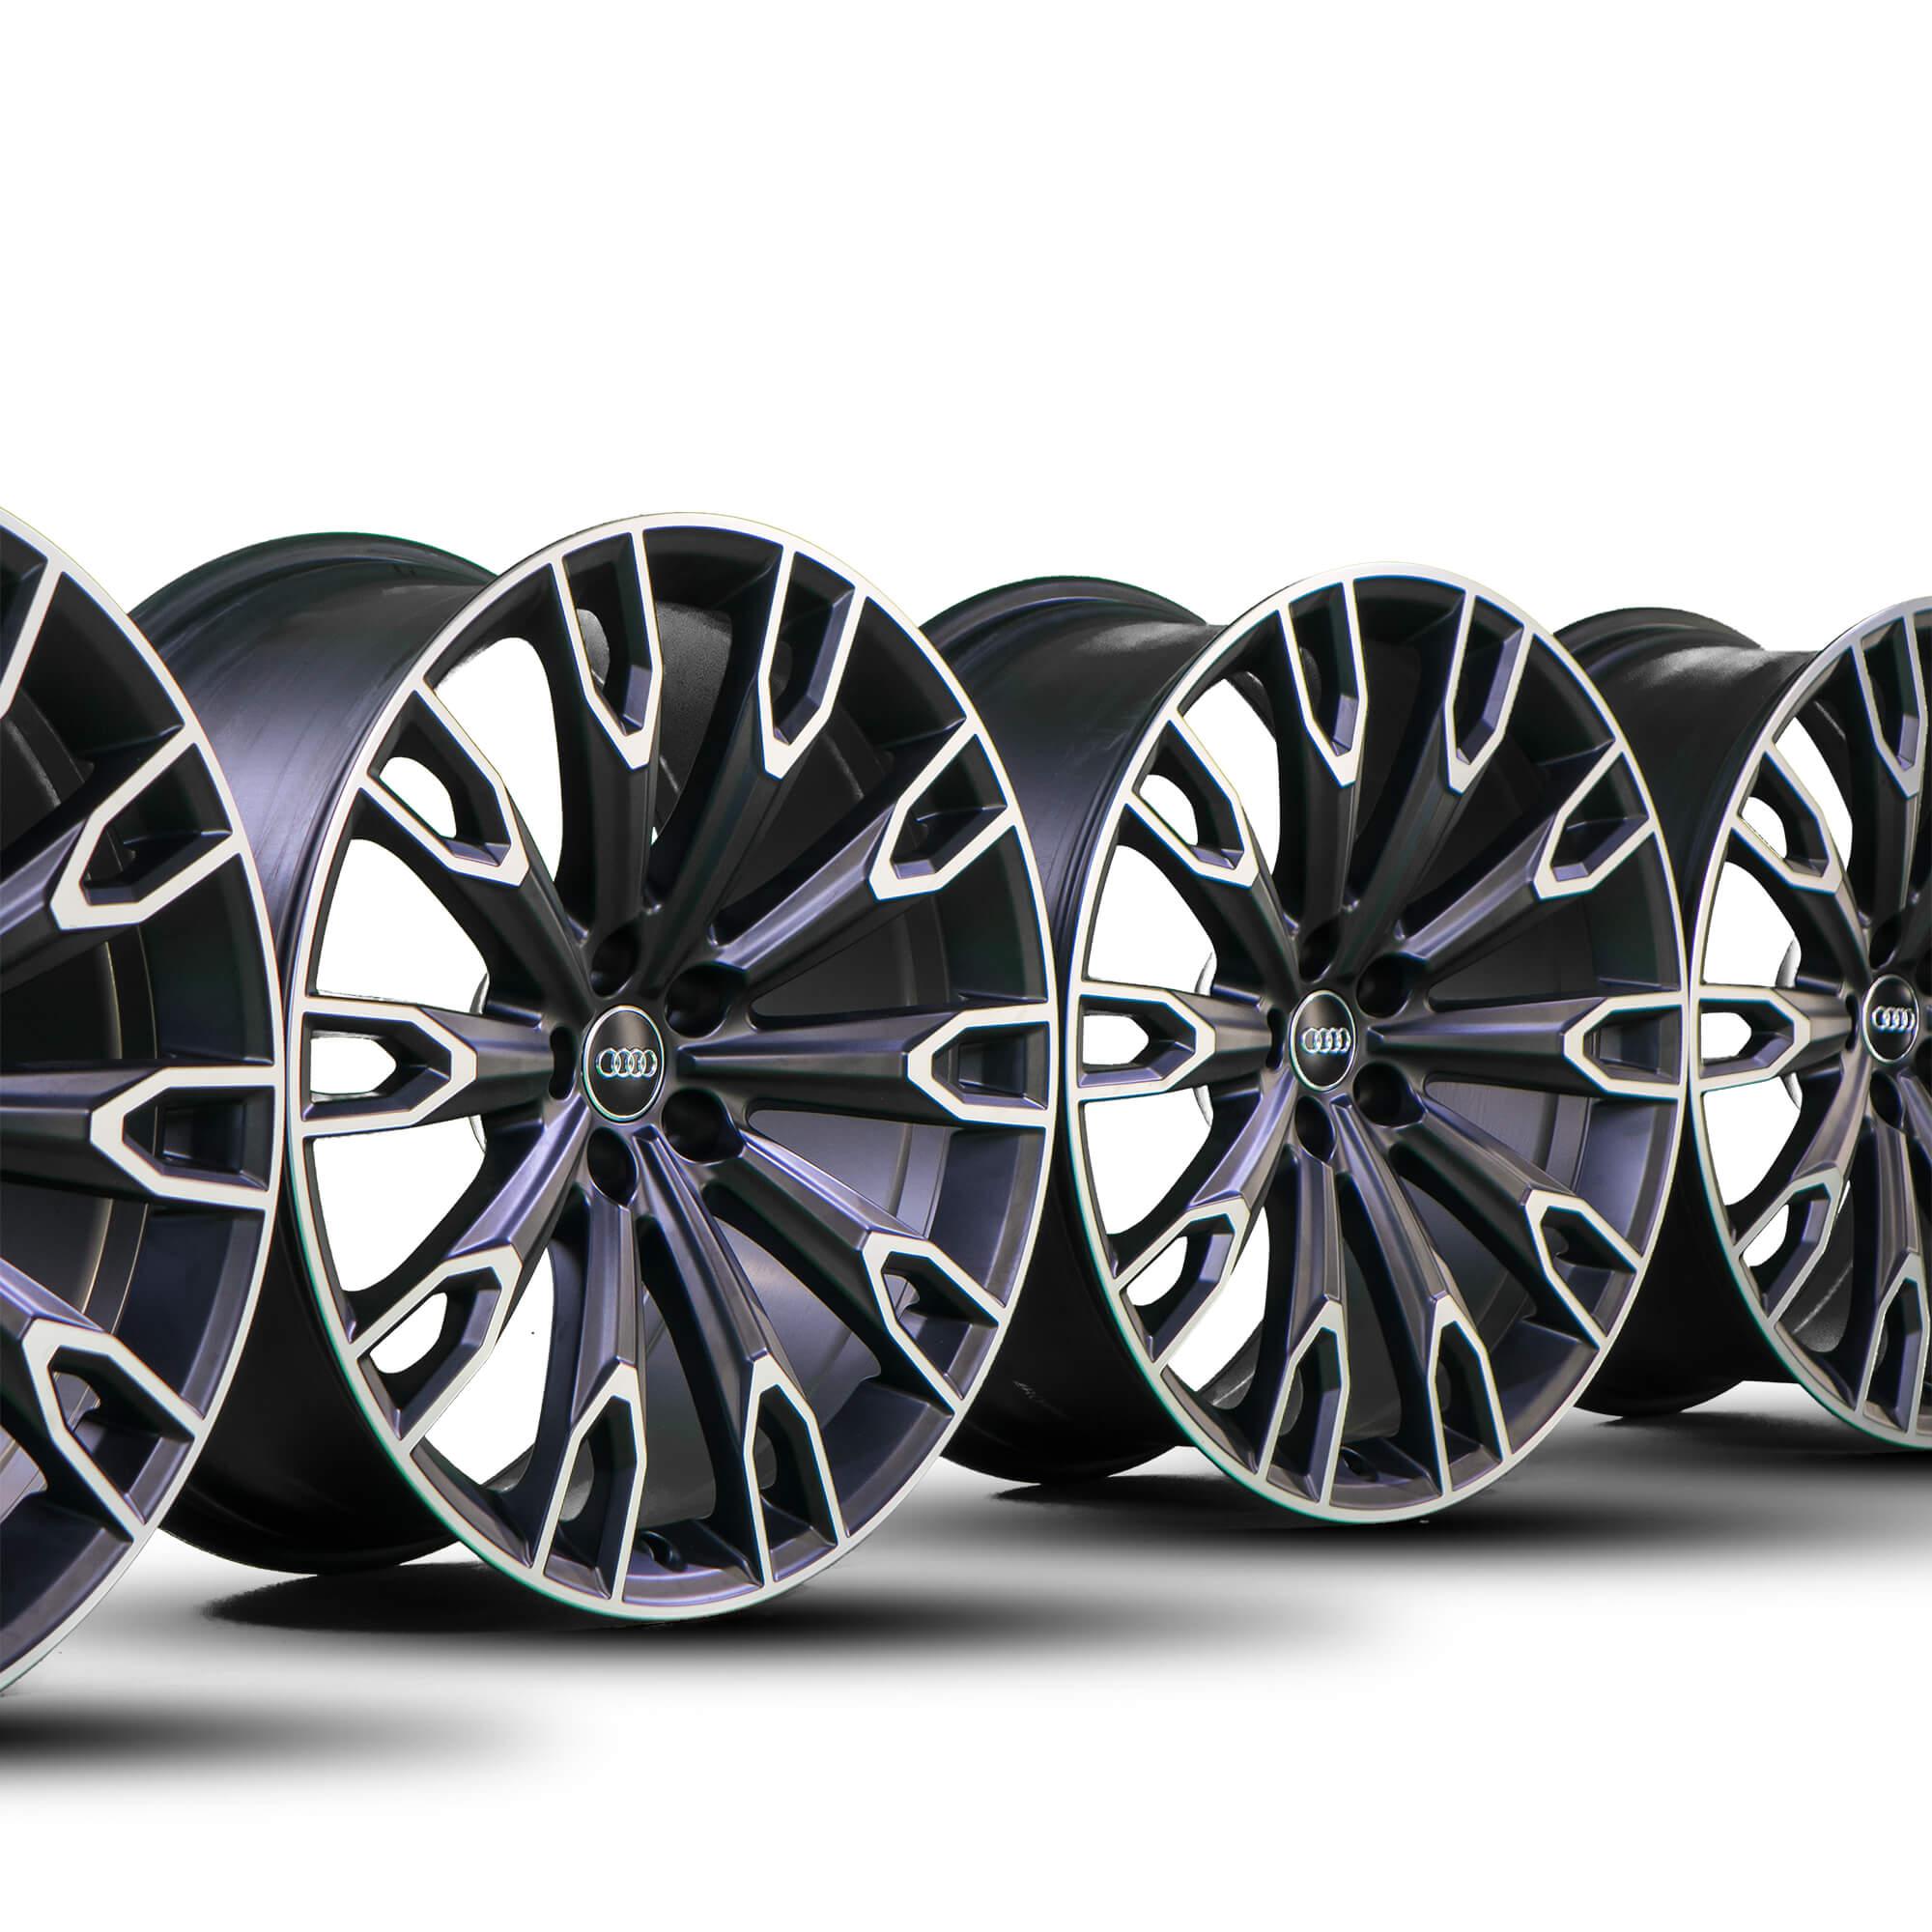 Audi 21 Zoll Alufelgen Q7 4M Q5 SQ5 A5 S5 RS5 A6 S6 RS6 A7 S7 RS7 A8 S8 4H Talea Felgen